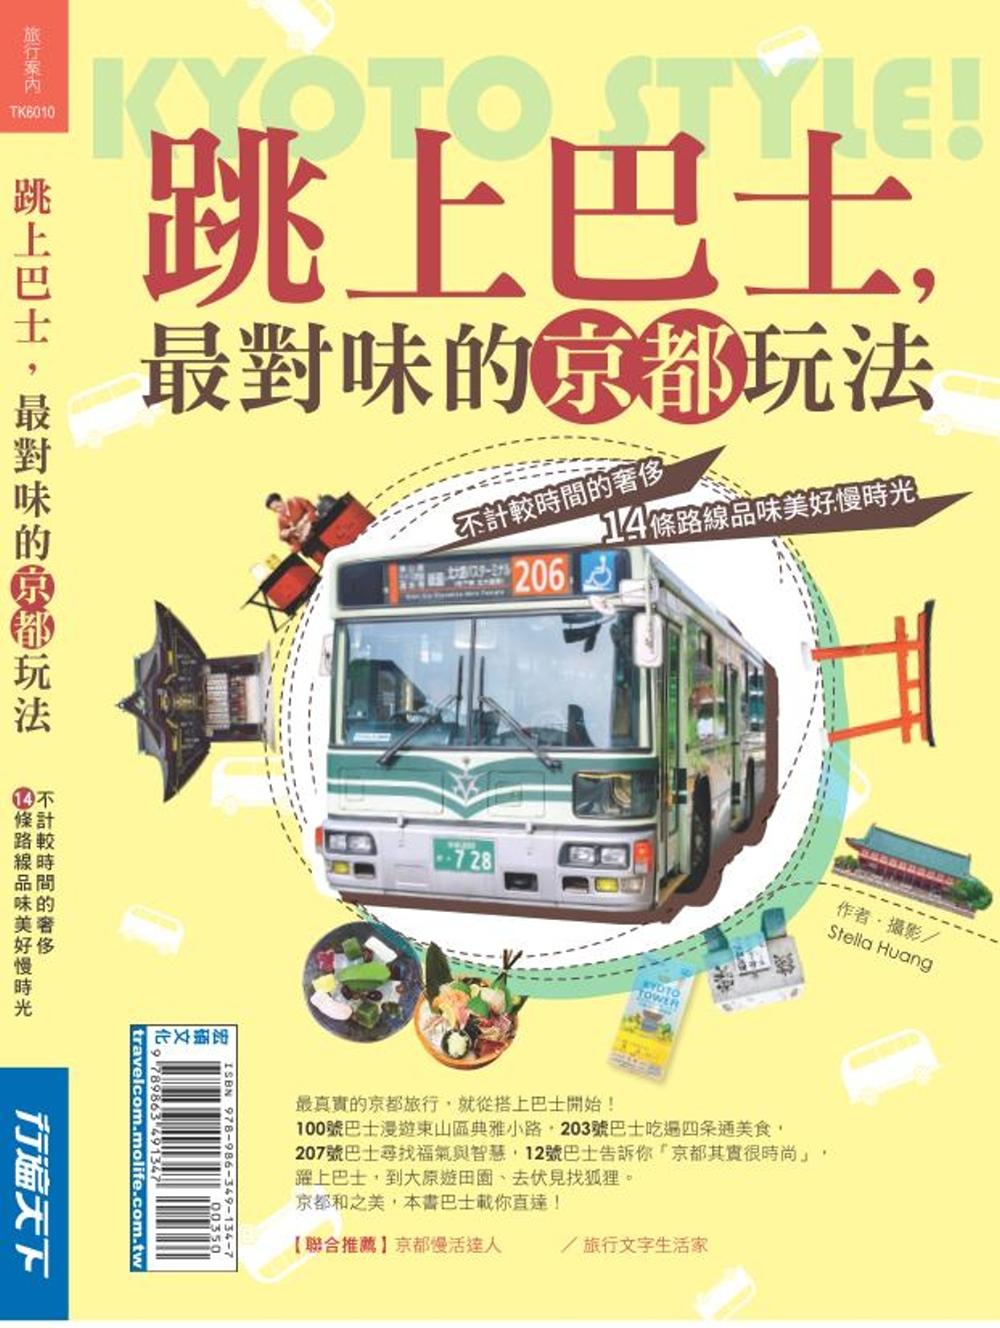 跳上巴士,京都最對味的玩法